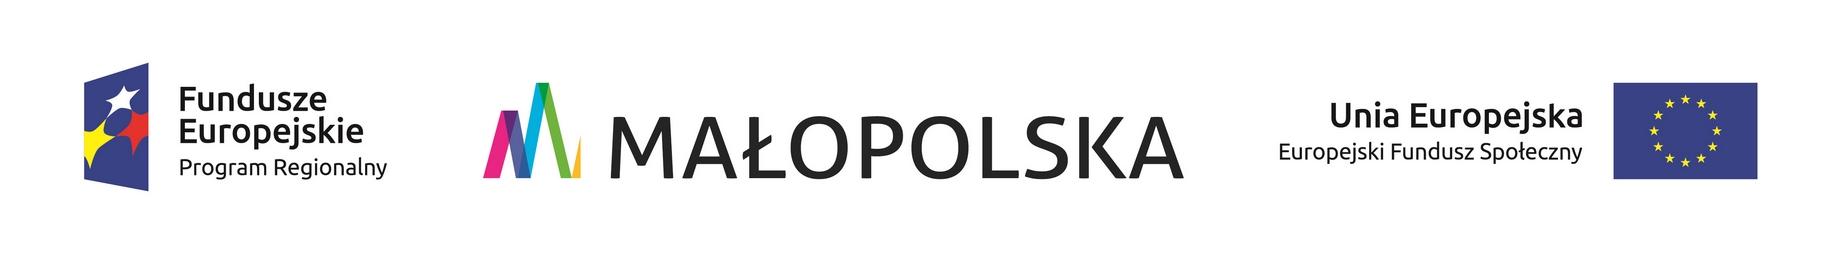 Logo Funduszy Eurpejskich - Program Regionalny